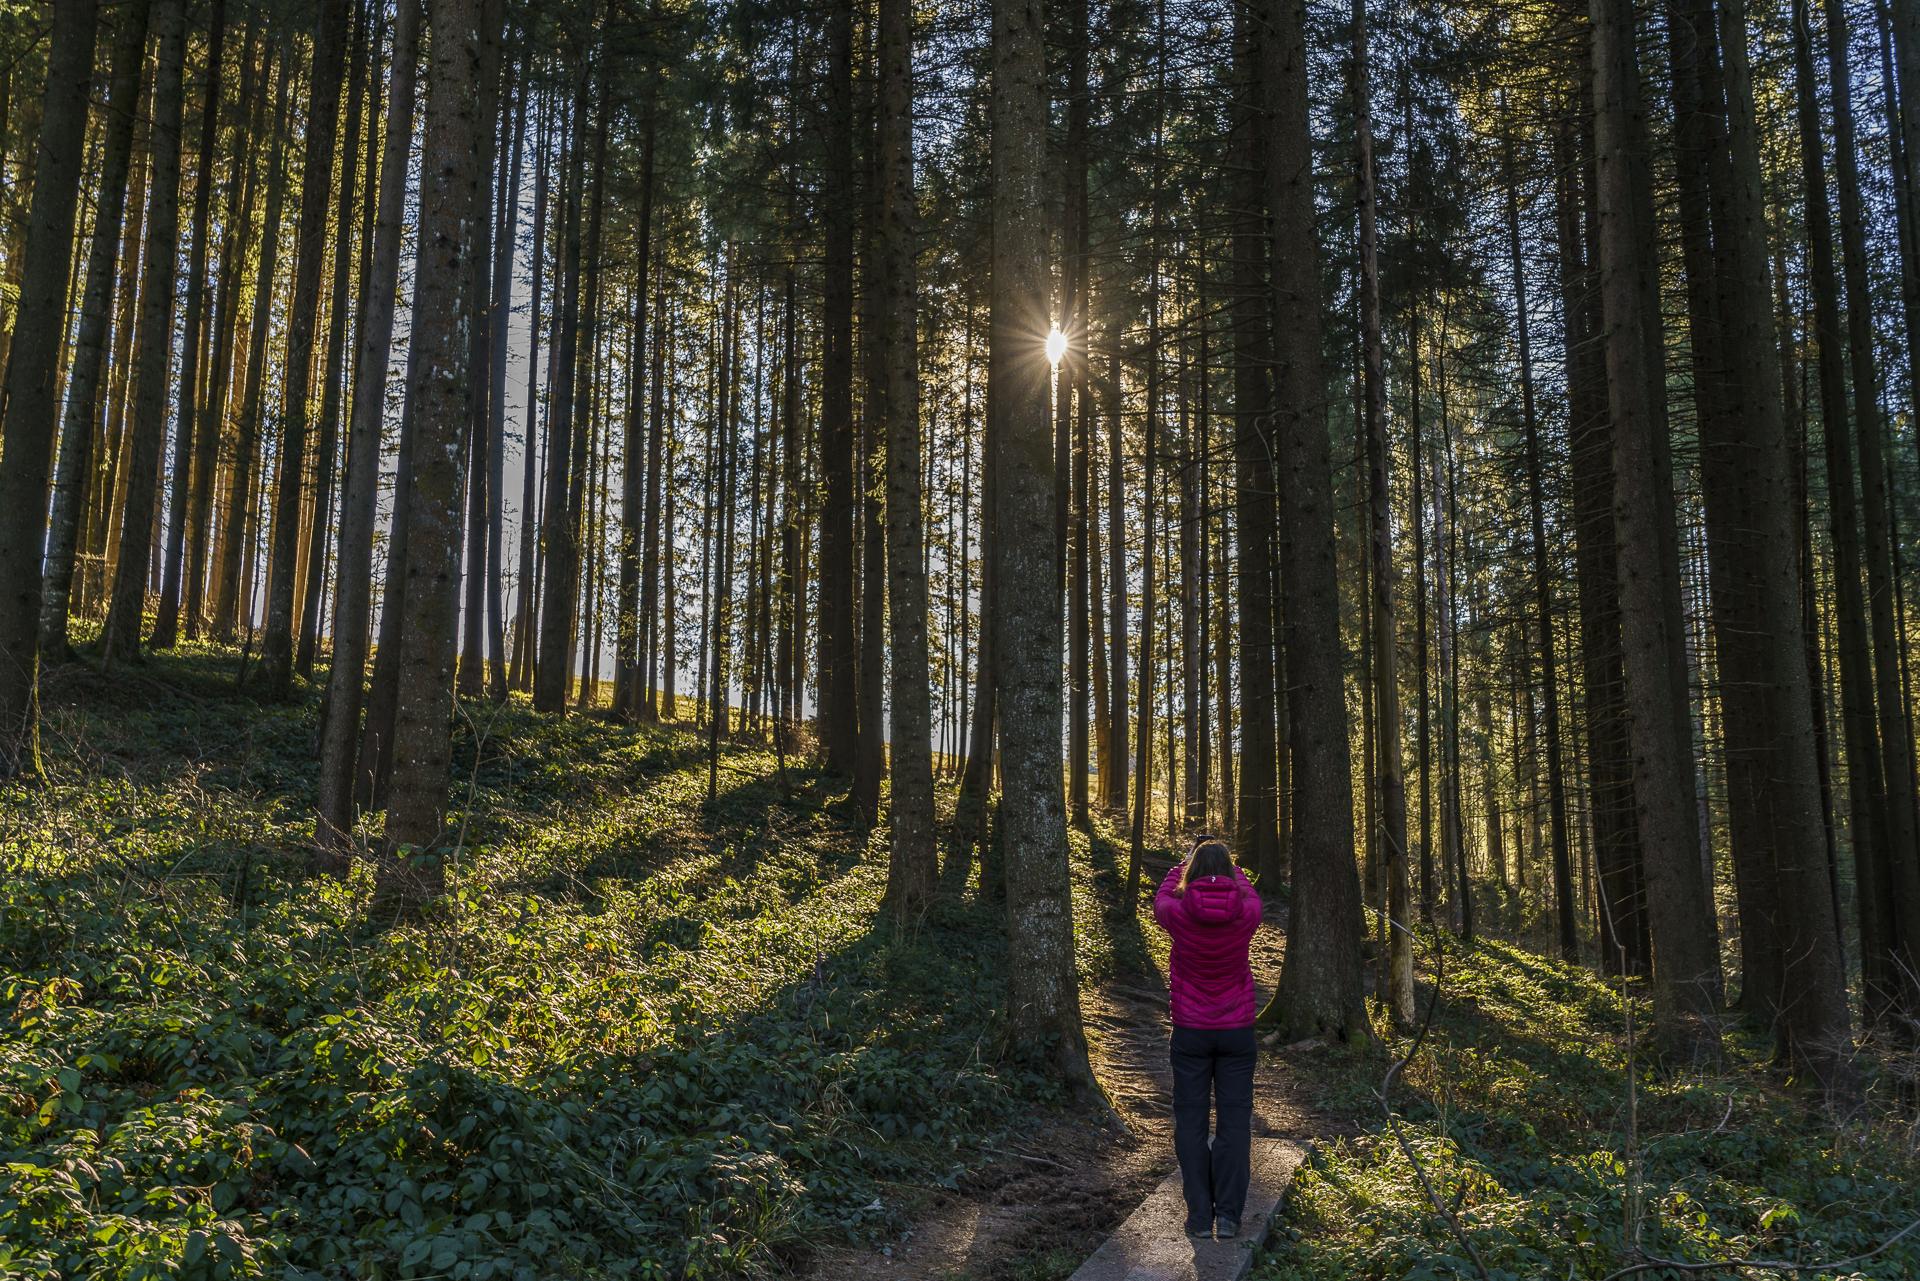 Herbstsonne im Wald